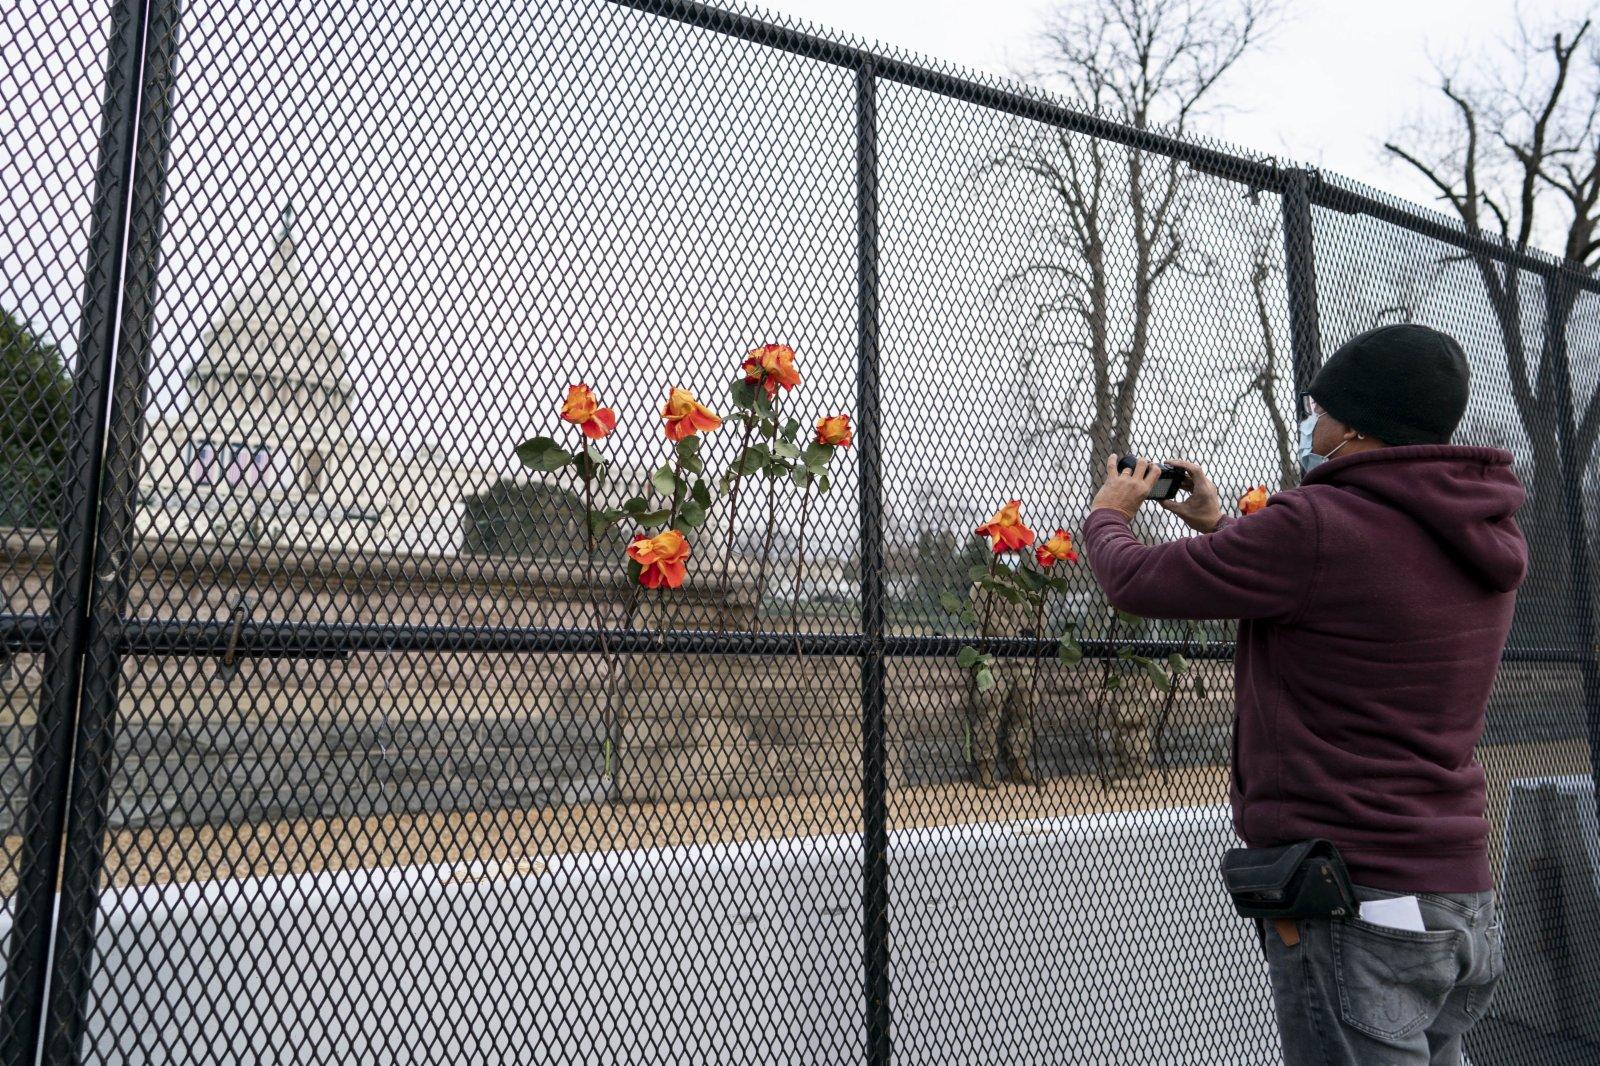 1月11日,在美國首都華盛頓,一名男子在國會大廈附近的隔離圍欄外拍照。(新華社)